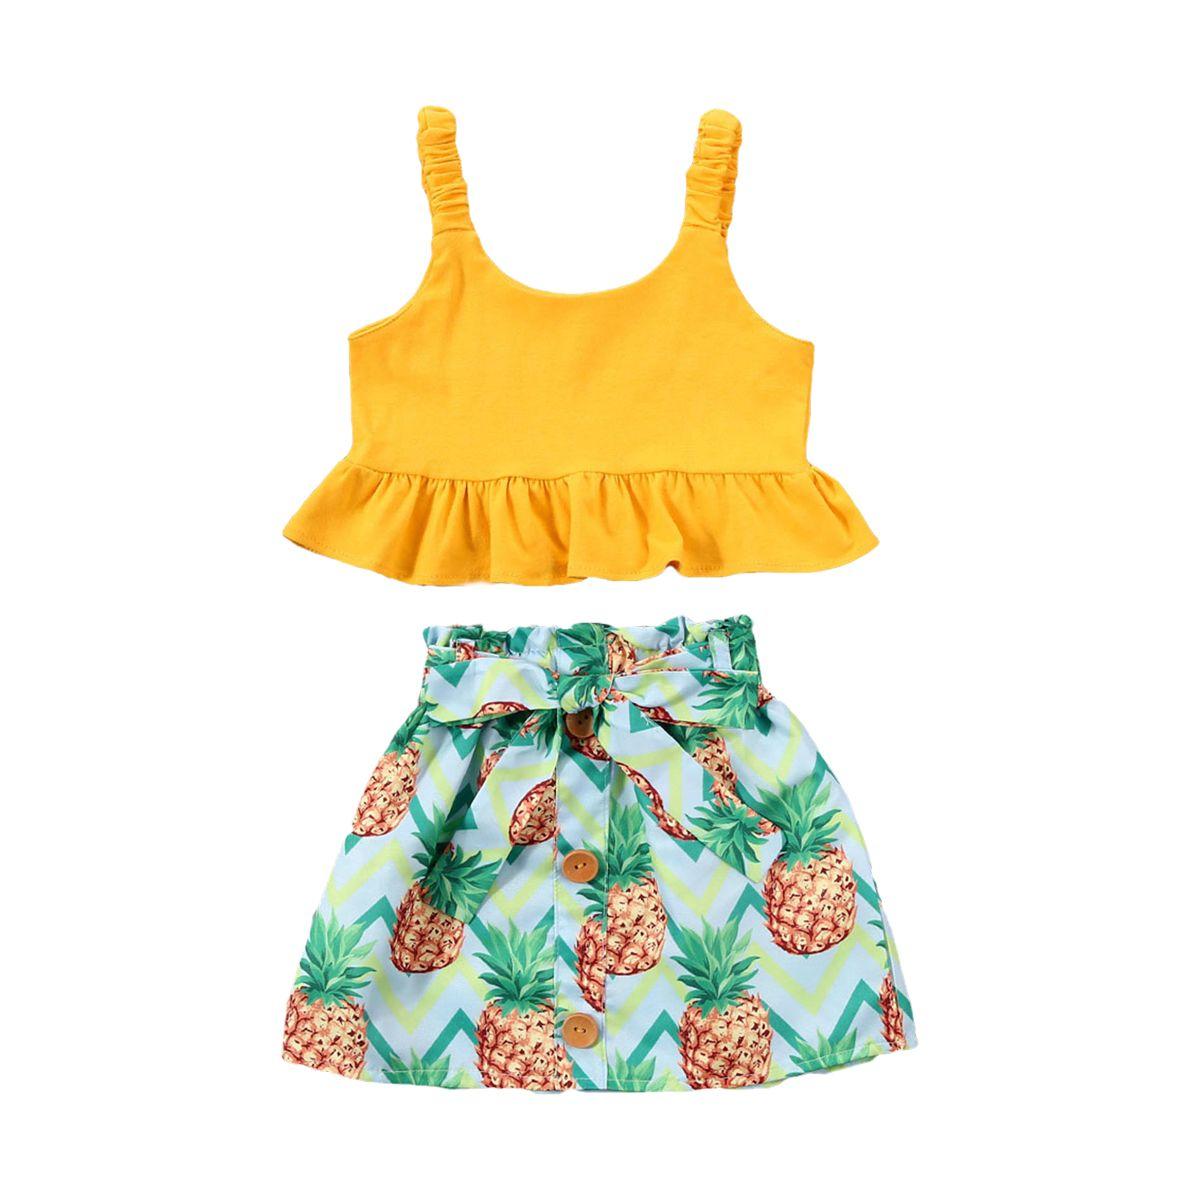 Летняя Сладкие малыши Детские Baby Girl Одежда наборы рукавов Желтой кнопка Top Ананас Юбка Outfit Set